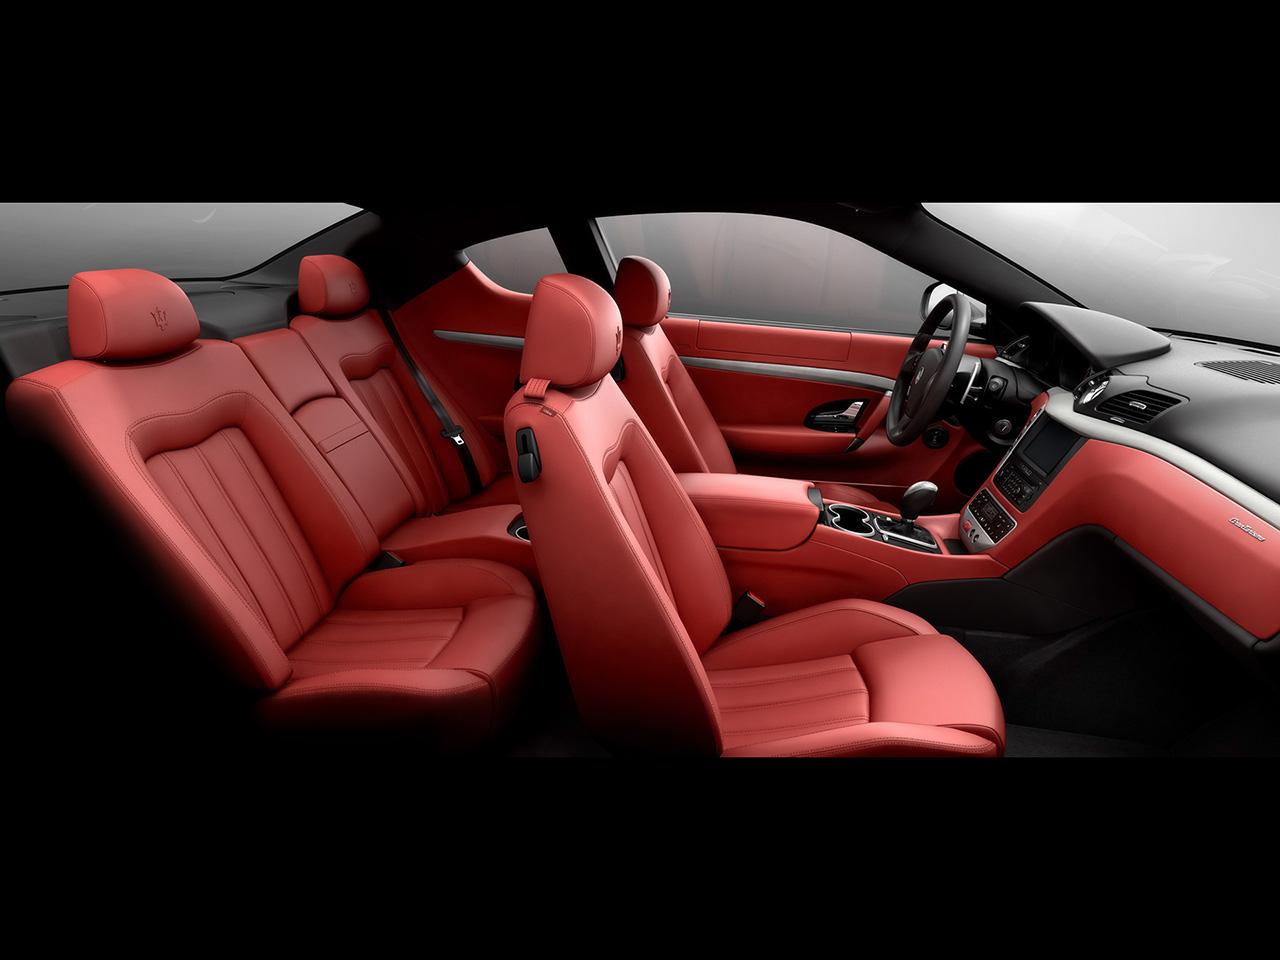 http://3.bp.blogspot.com/-I3L3u07tbDI/Tk89uE-alrI/AAAAAAAAATw/rp4ltNiOtnk/s1600/Maserati+Granturismo_4.jpg